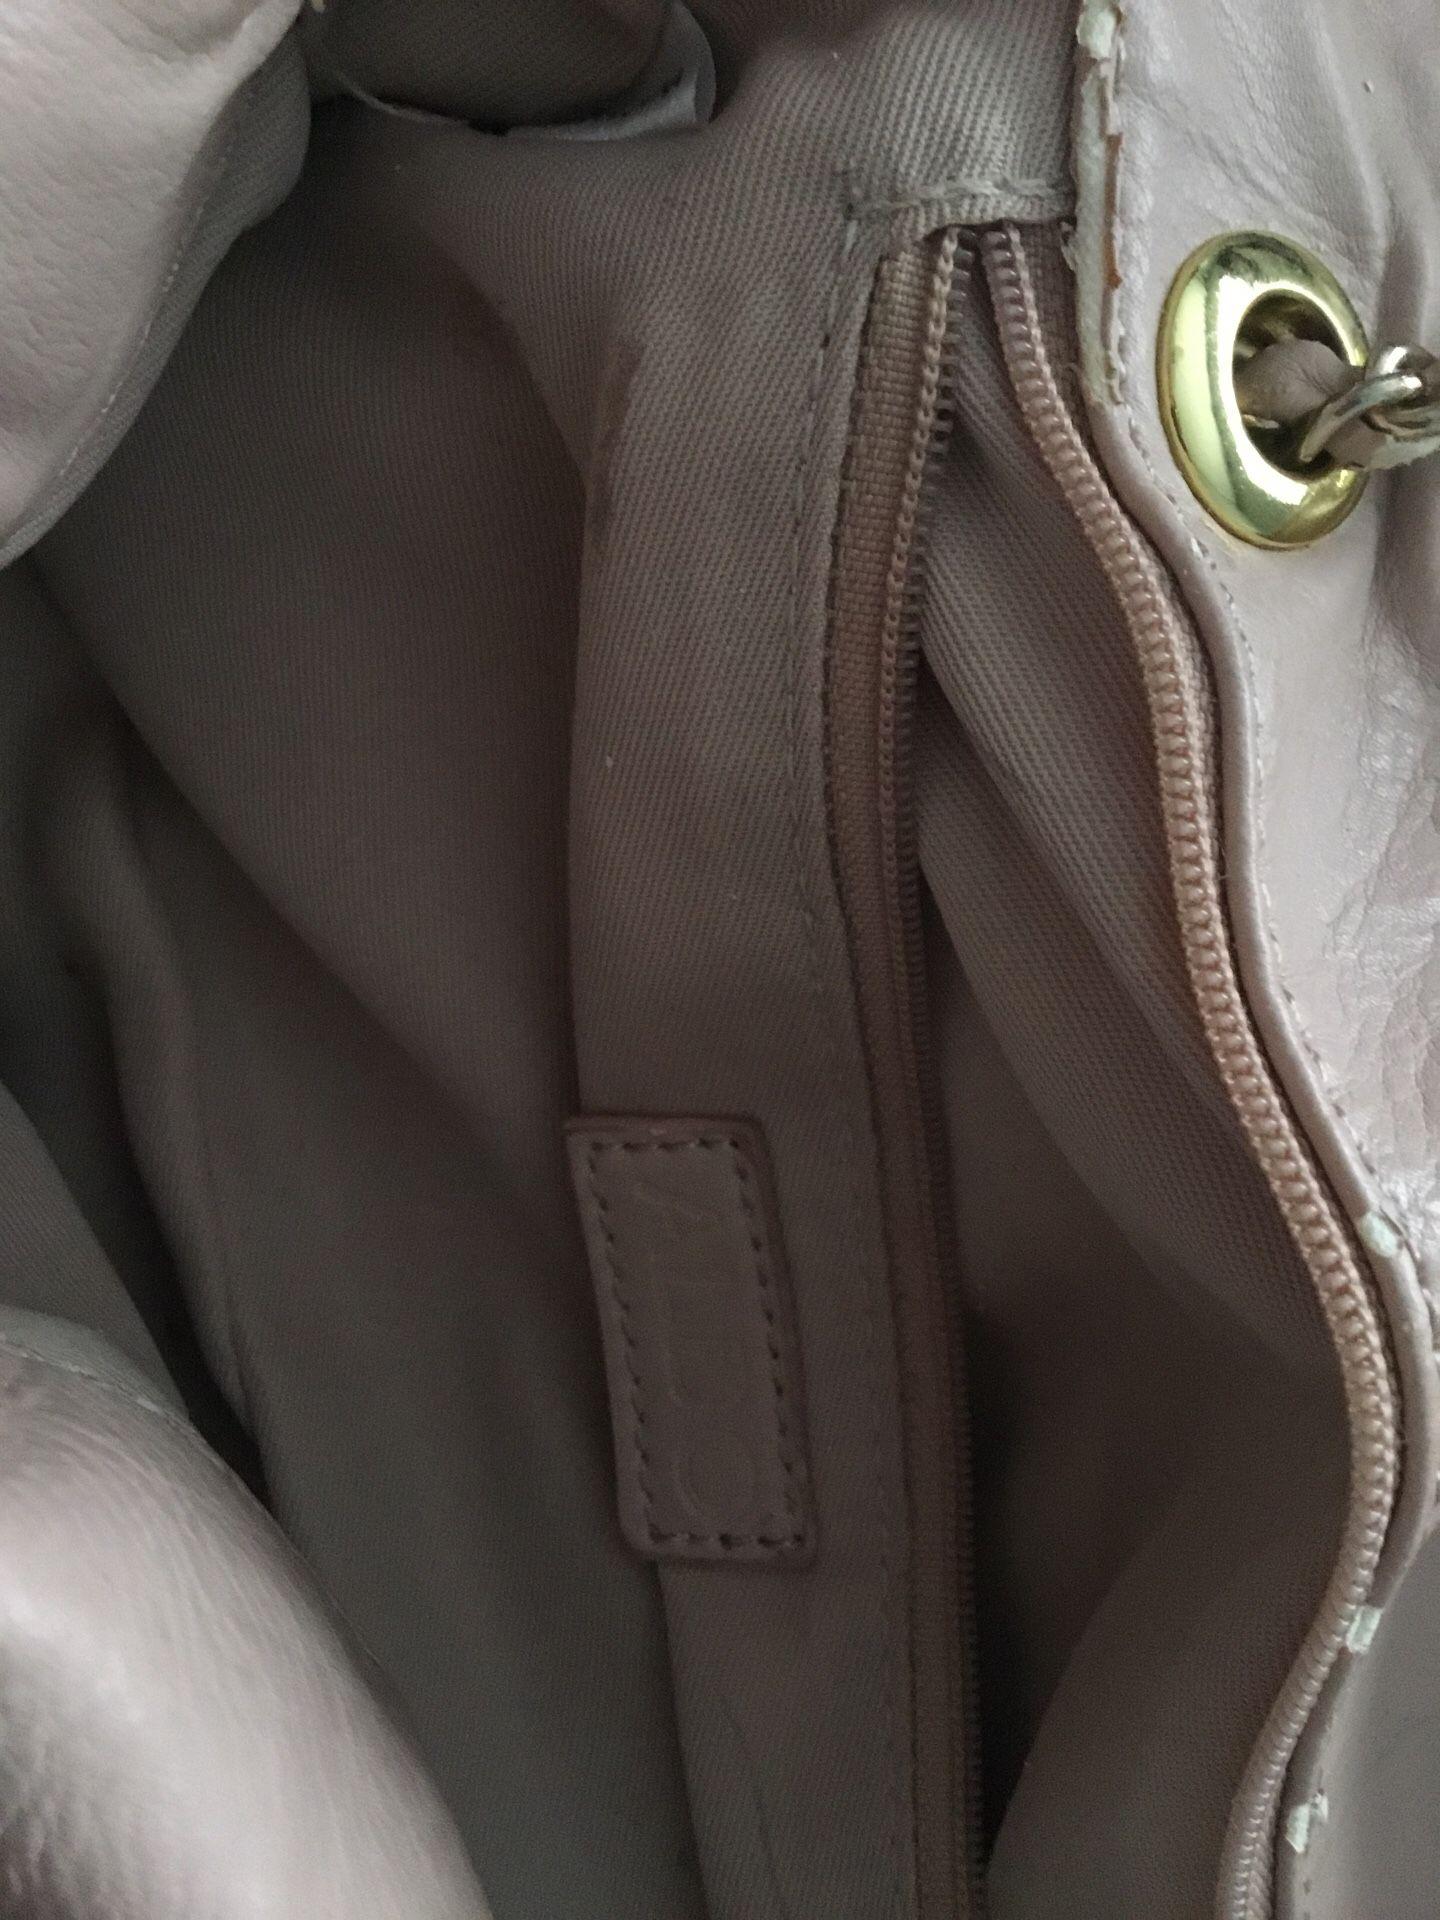 Aldo bag pink